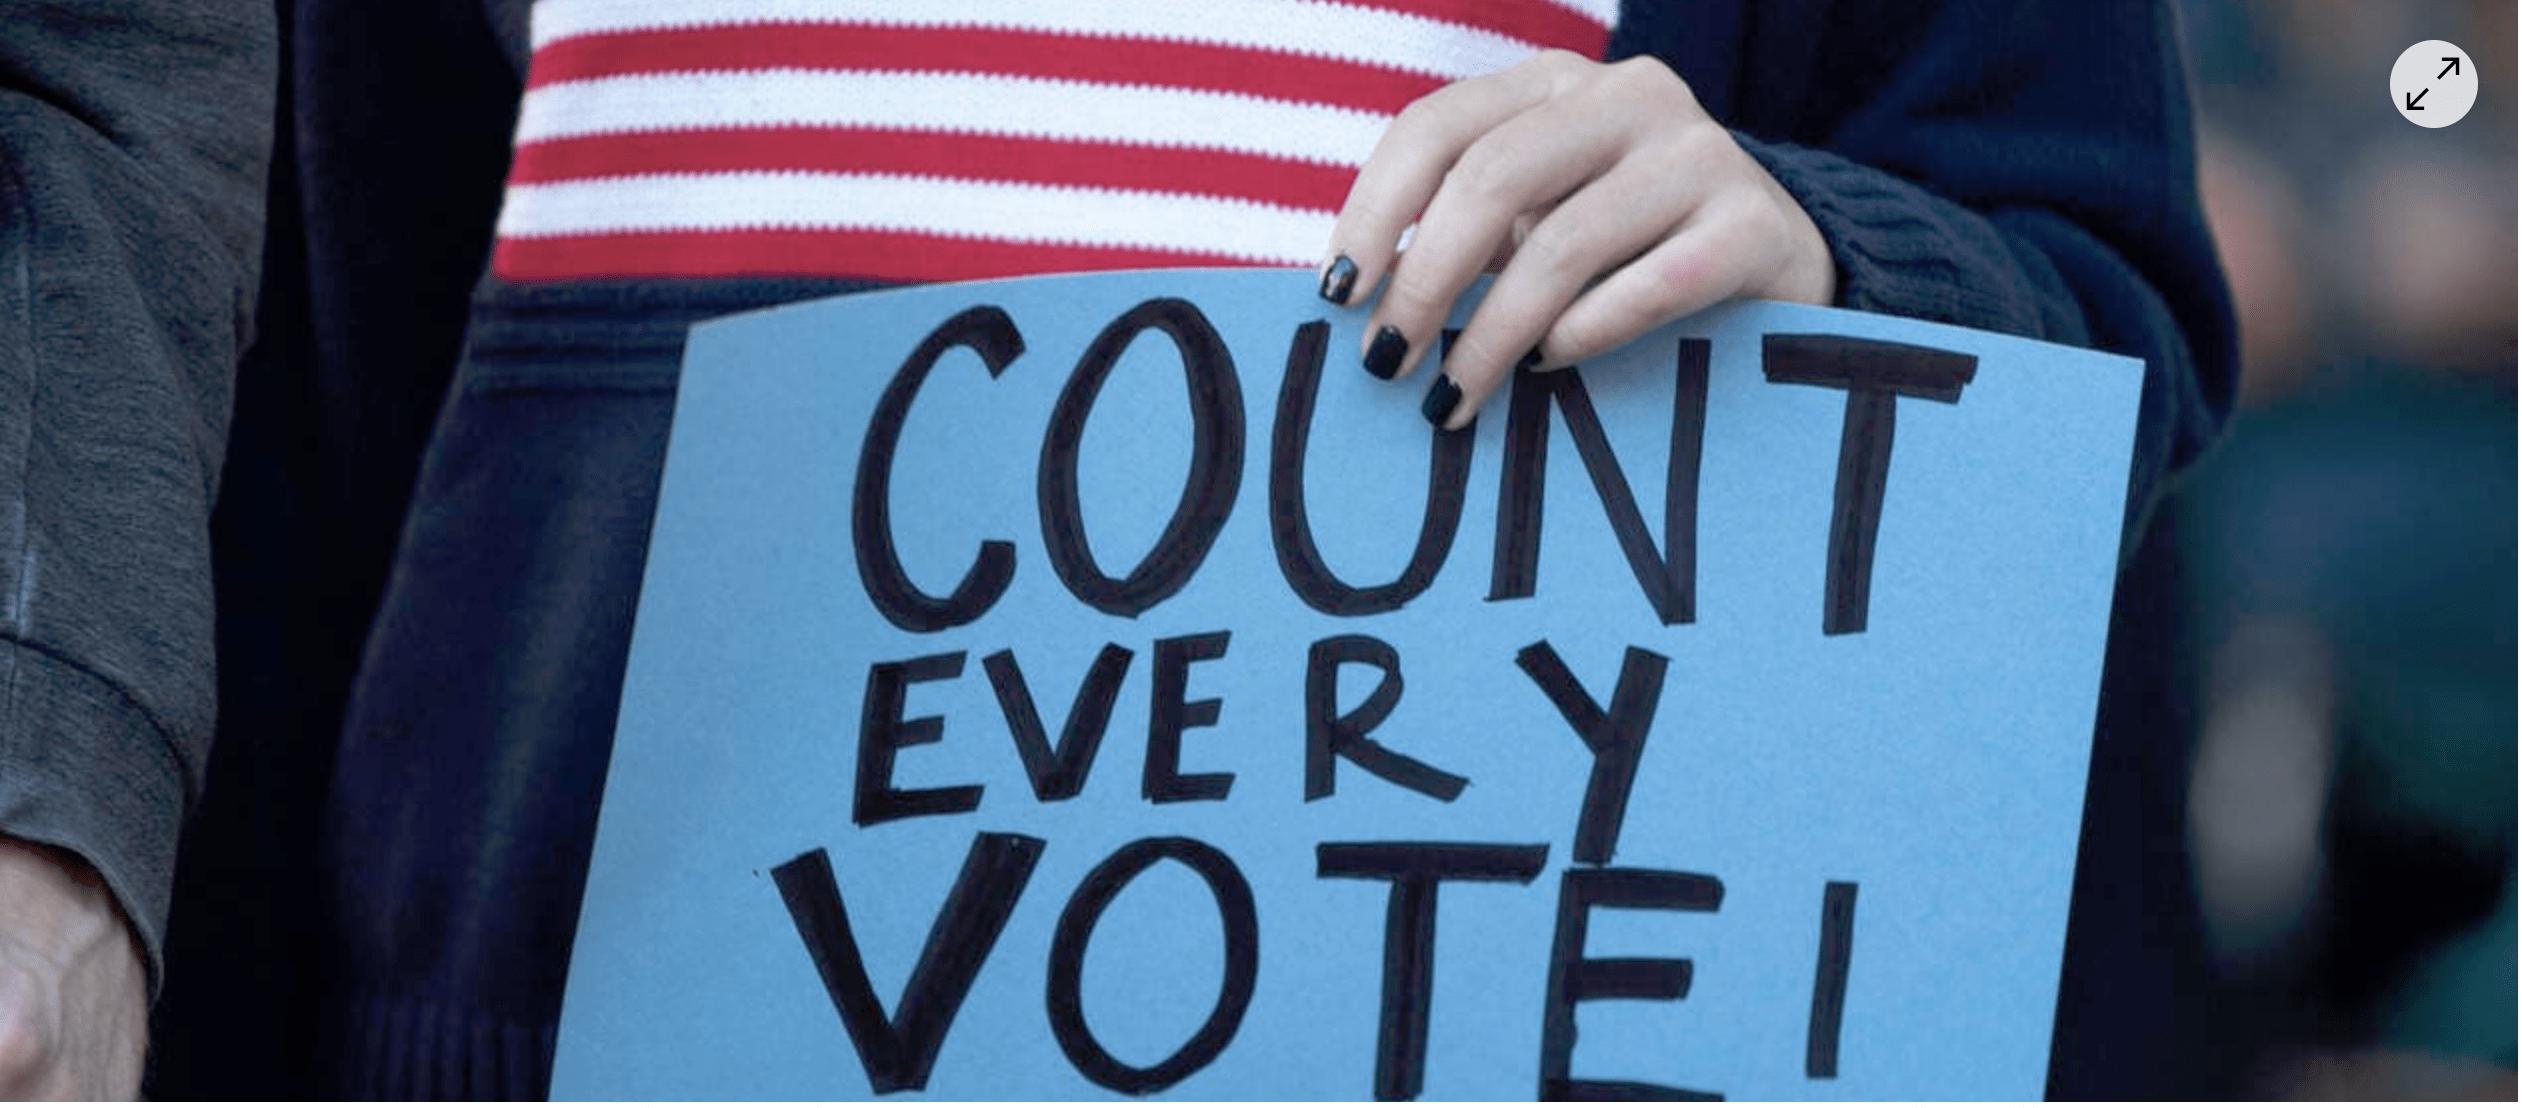 Élections américaines, le bras de fer juridique enclenché par Donald Trump